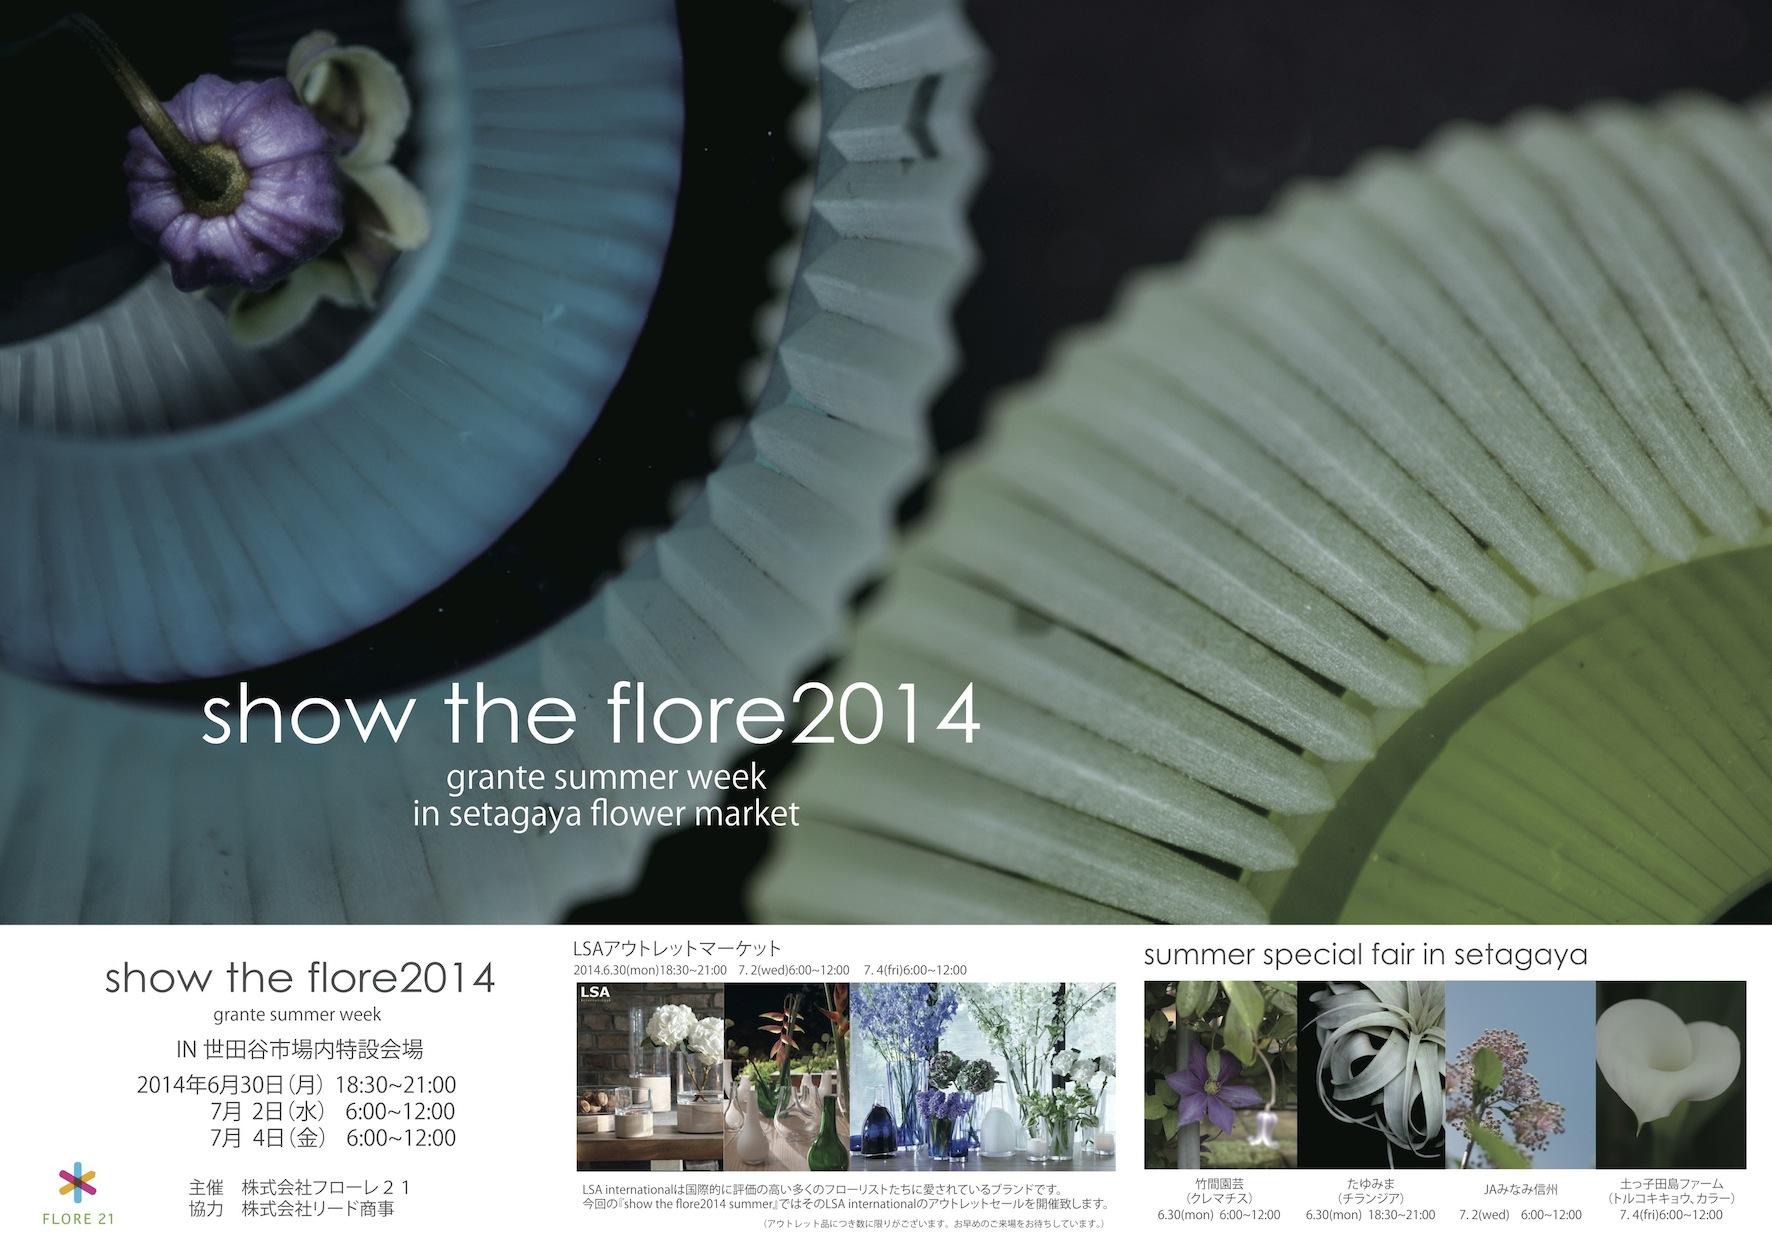 http://flore21.com/contents/show/stf_summer_2014_pos_ol%20%5B%E6%9B%B4%E6%96%B0%E6%B8%88%E3%81%BF%5D.jpg